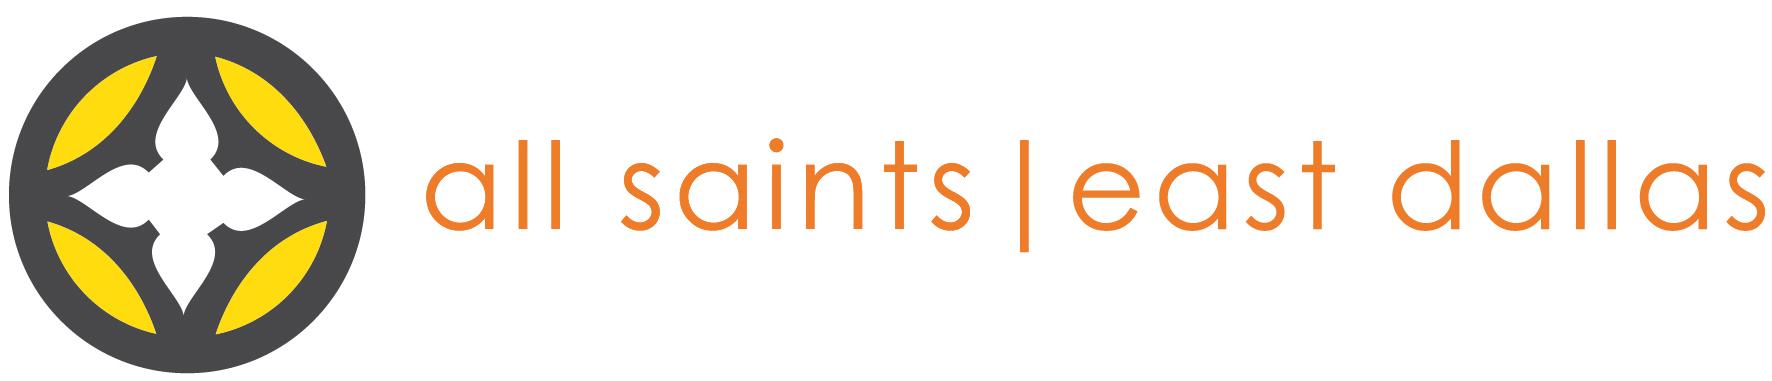 AllSaints_east_3color_linelogo-02.jpg